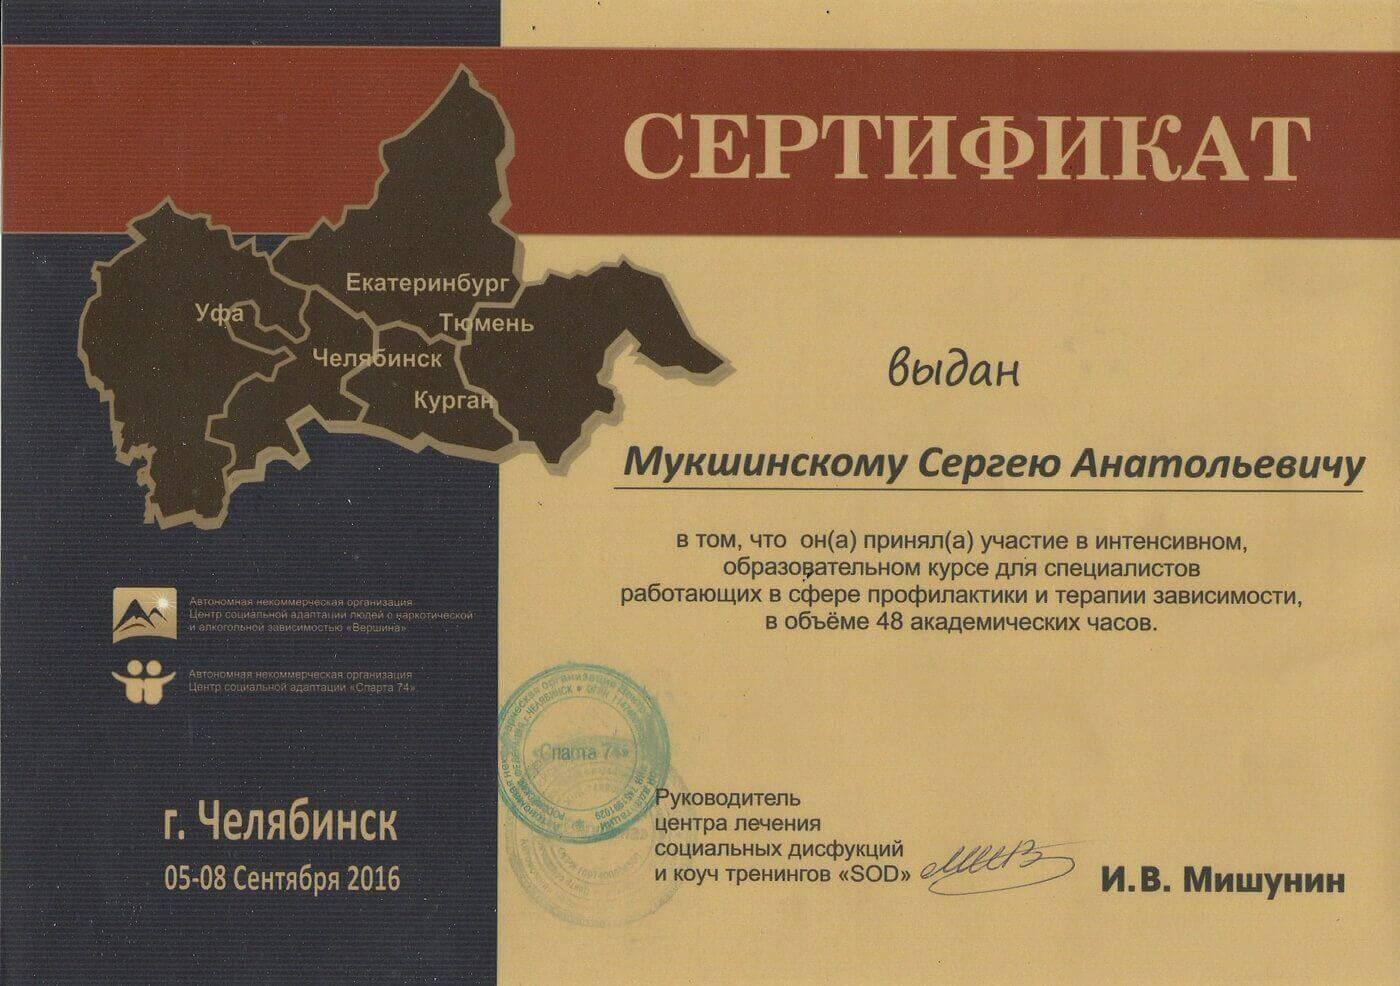 Сертификат Мукшинскому С. А. - образовательный курс профилактики и терапиии зависимости